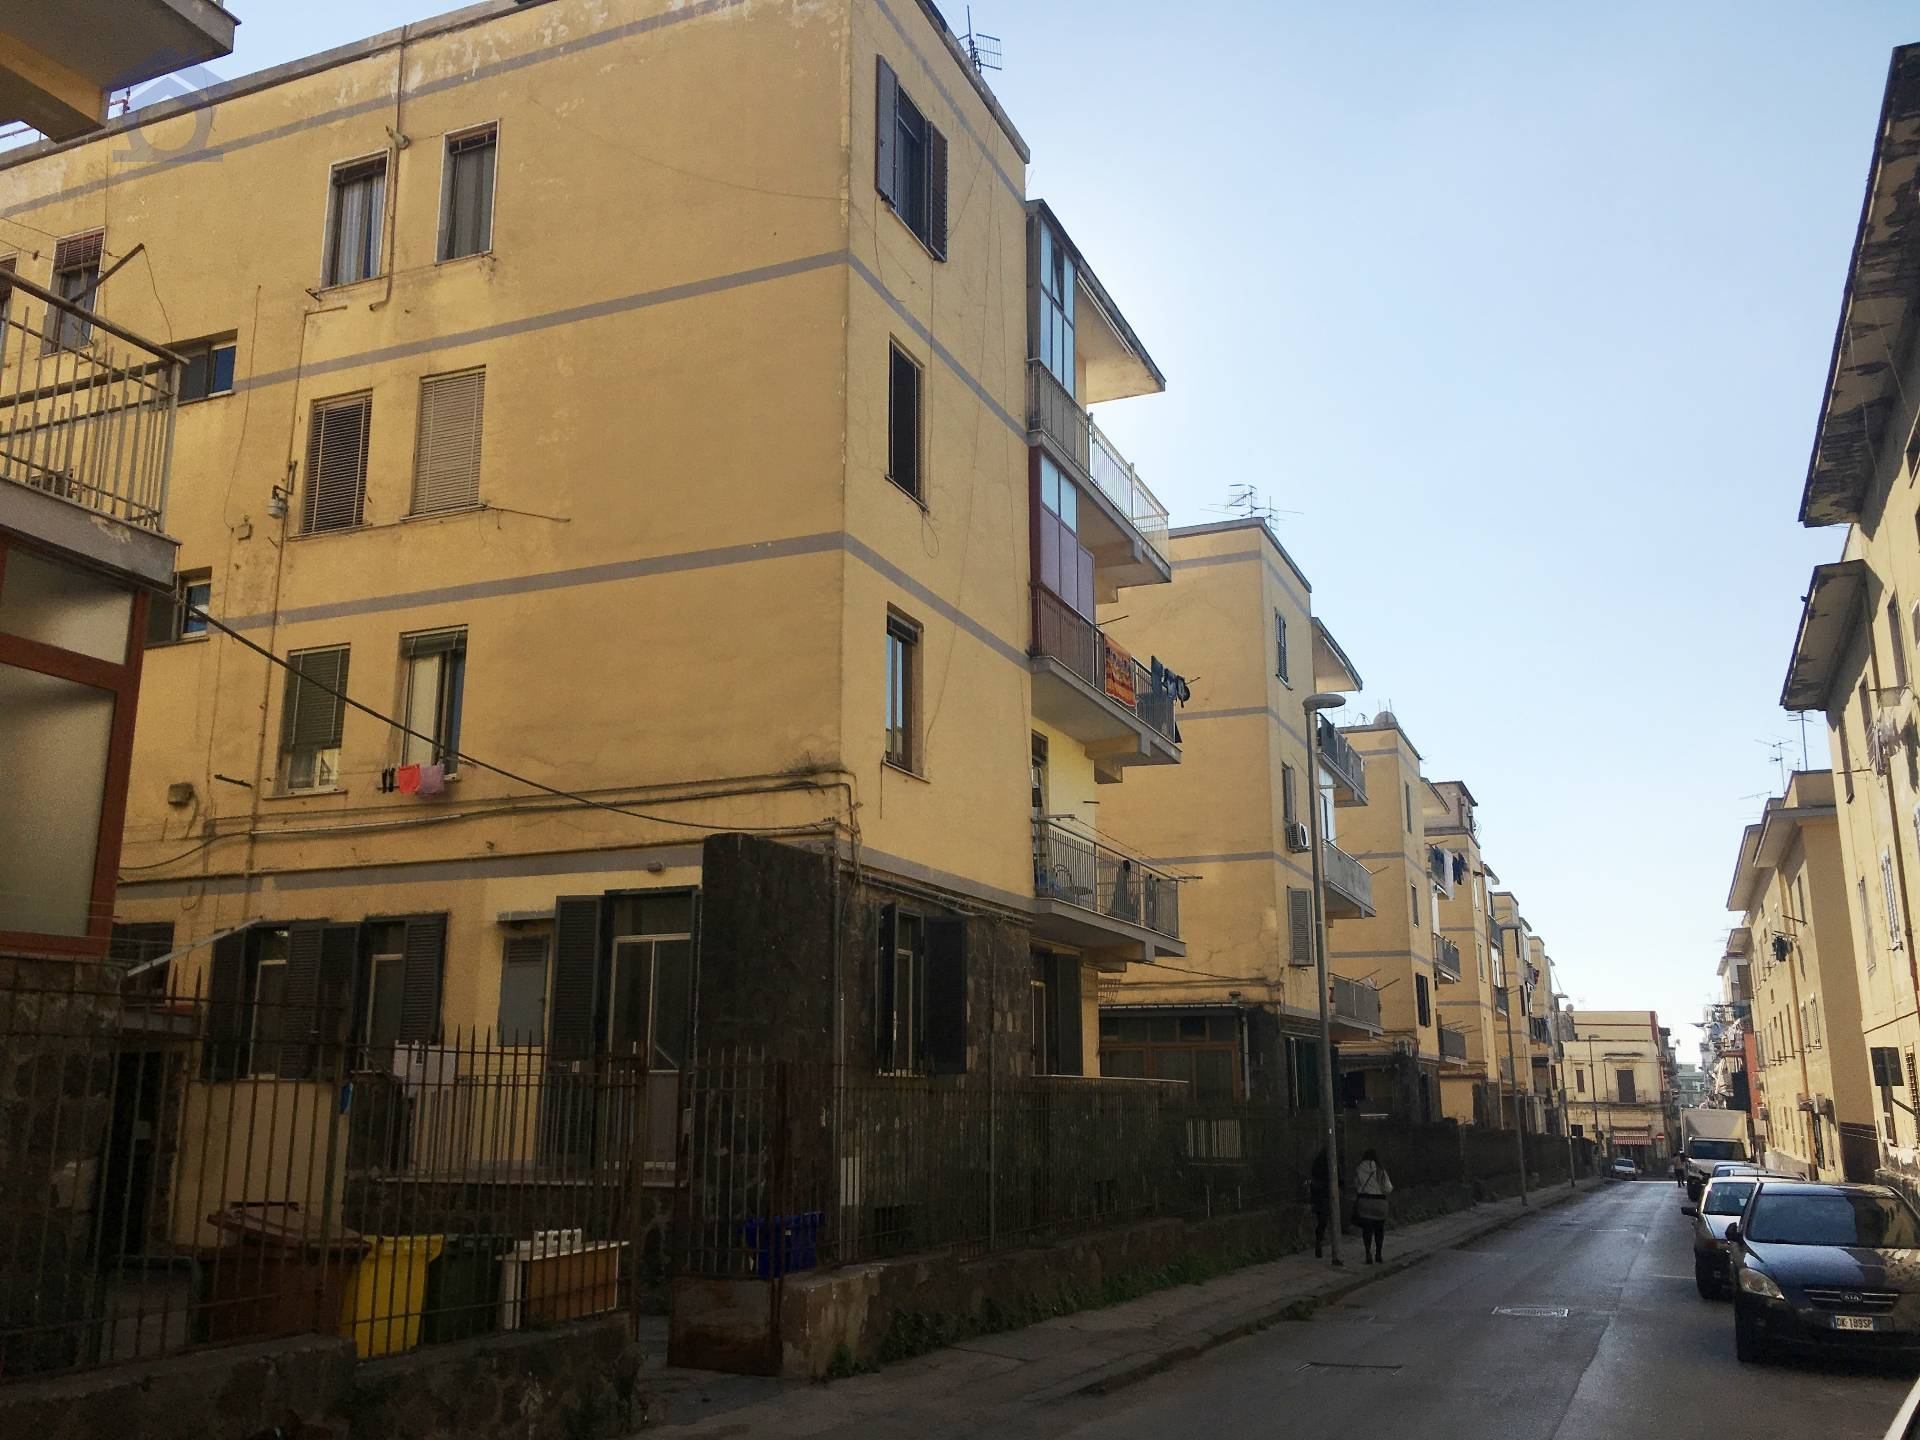 Appartamento in vendita a Torre Annunziata, 2 locali, zona Località: sud, prezzo € 60.000 | Cambio Casa.it